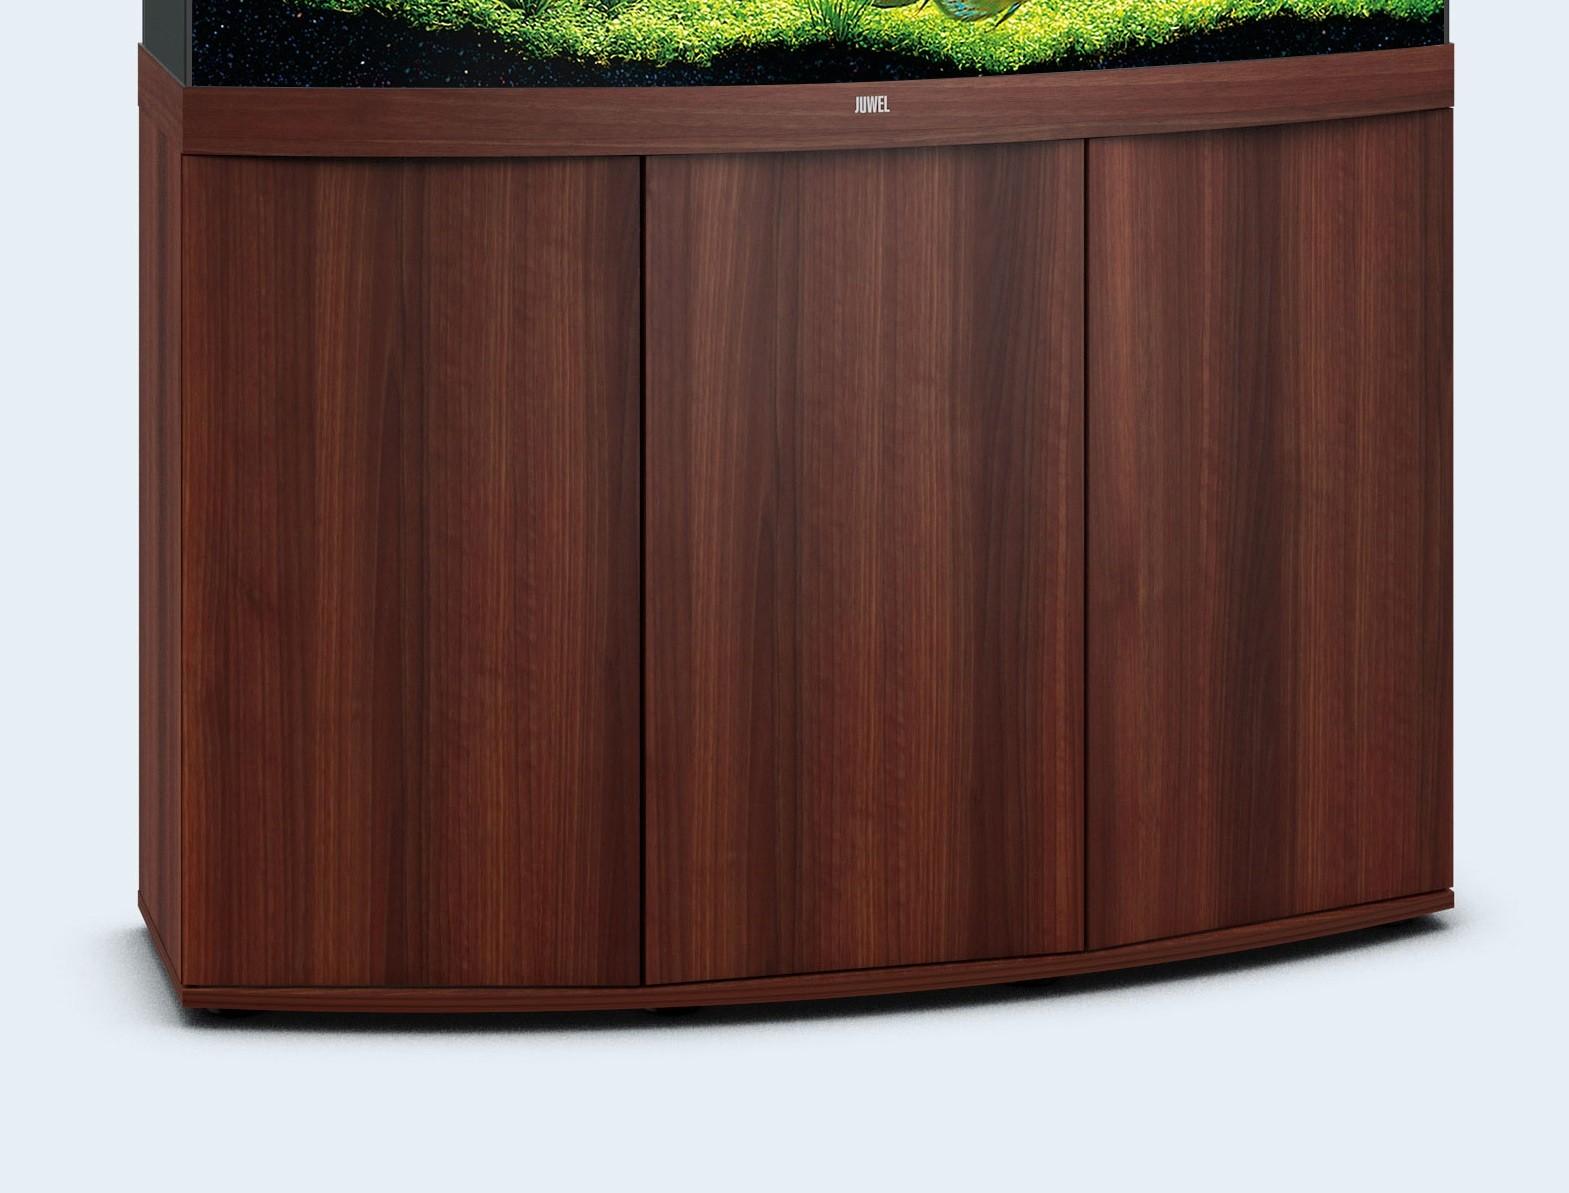 Mørkt træ Akvarie underskab til 260 liter Vision model